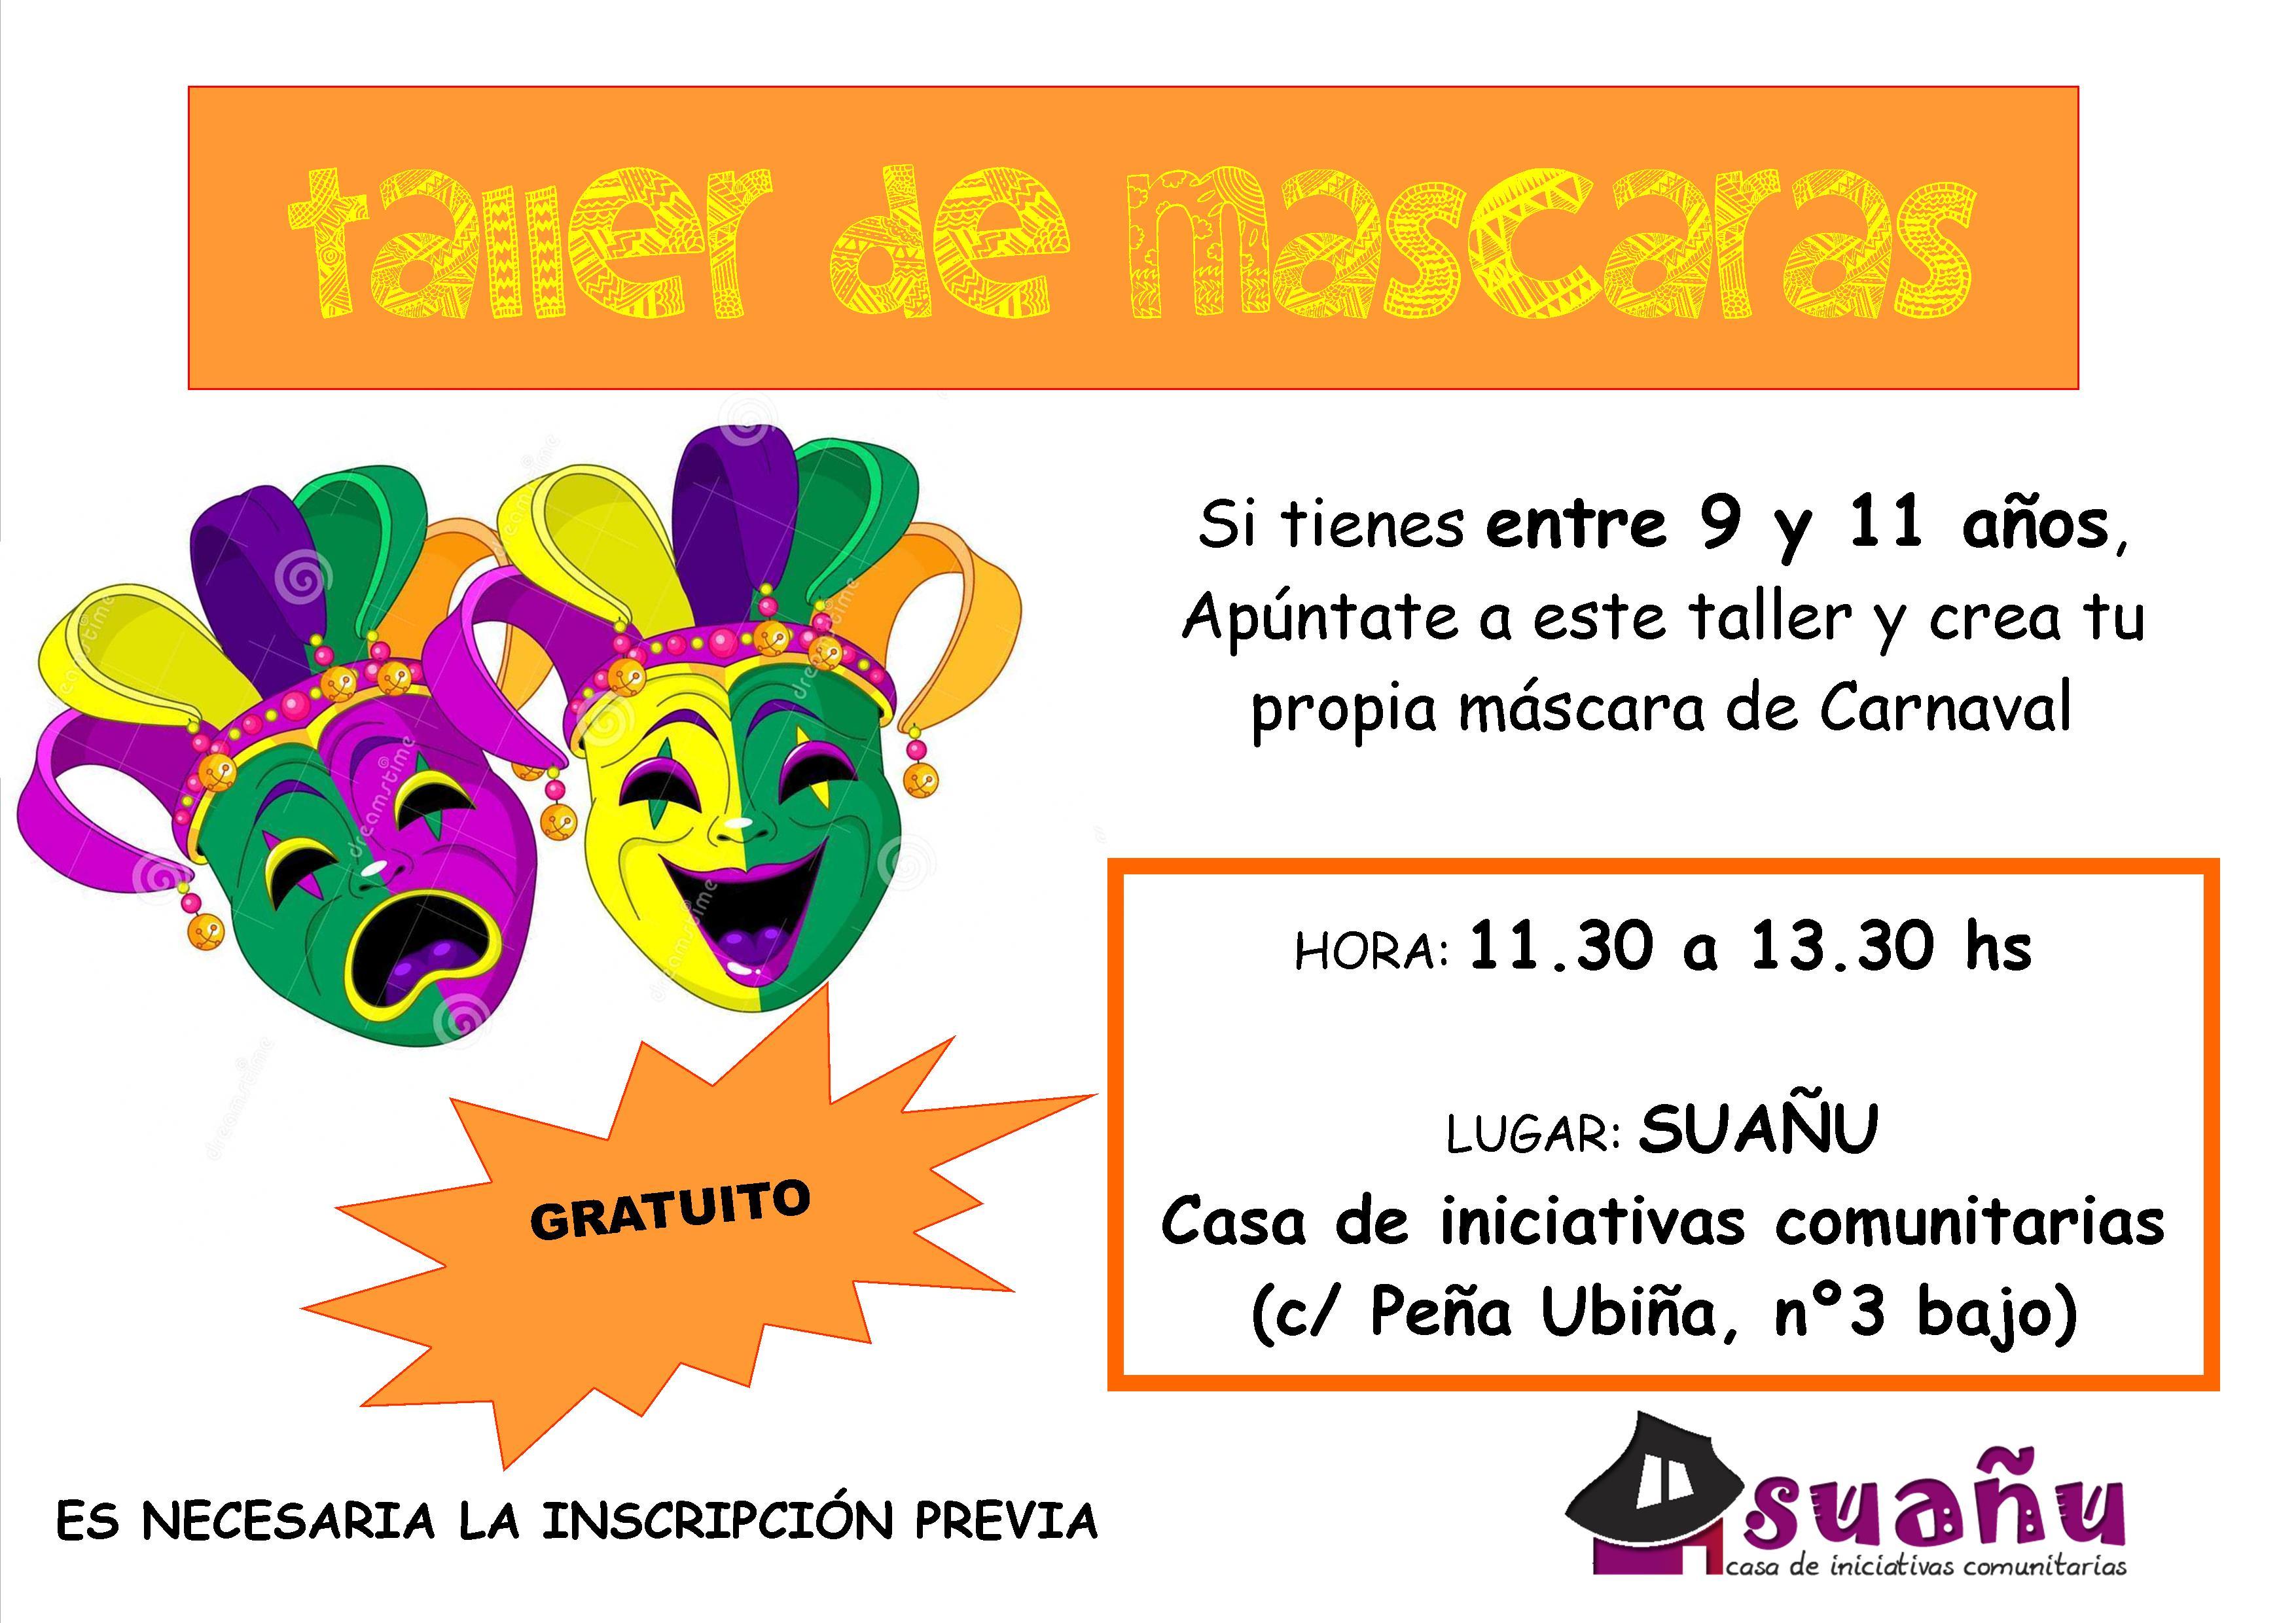 taller de máscaras carnaval